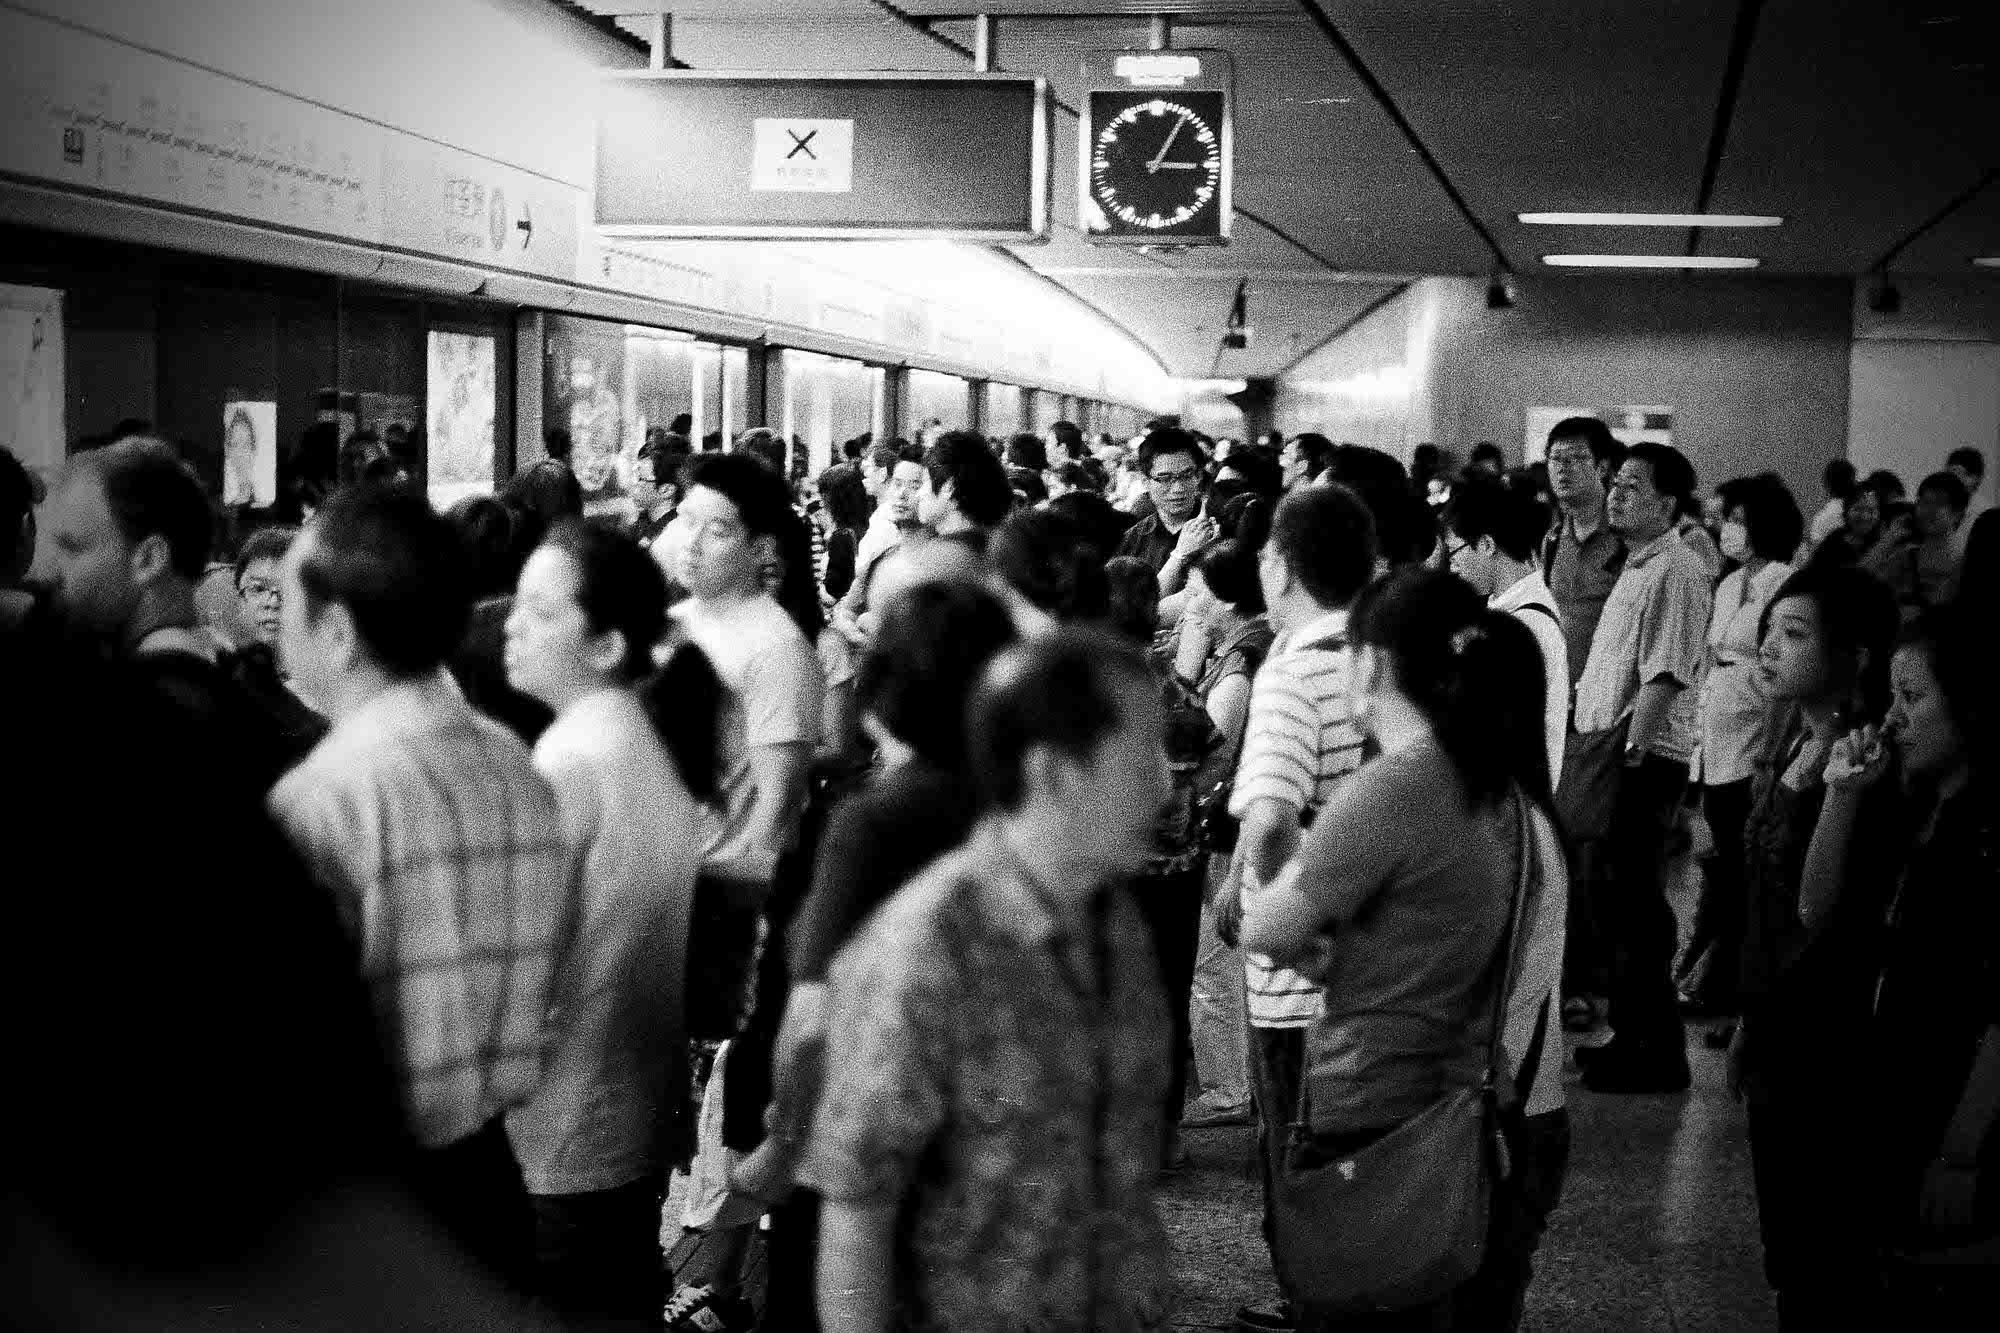 35mmPatrikWallner_HongKong_RushHourLOWQ